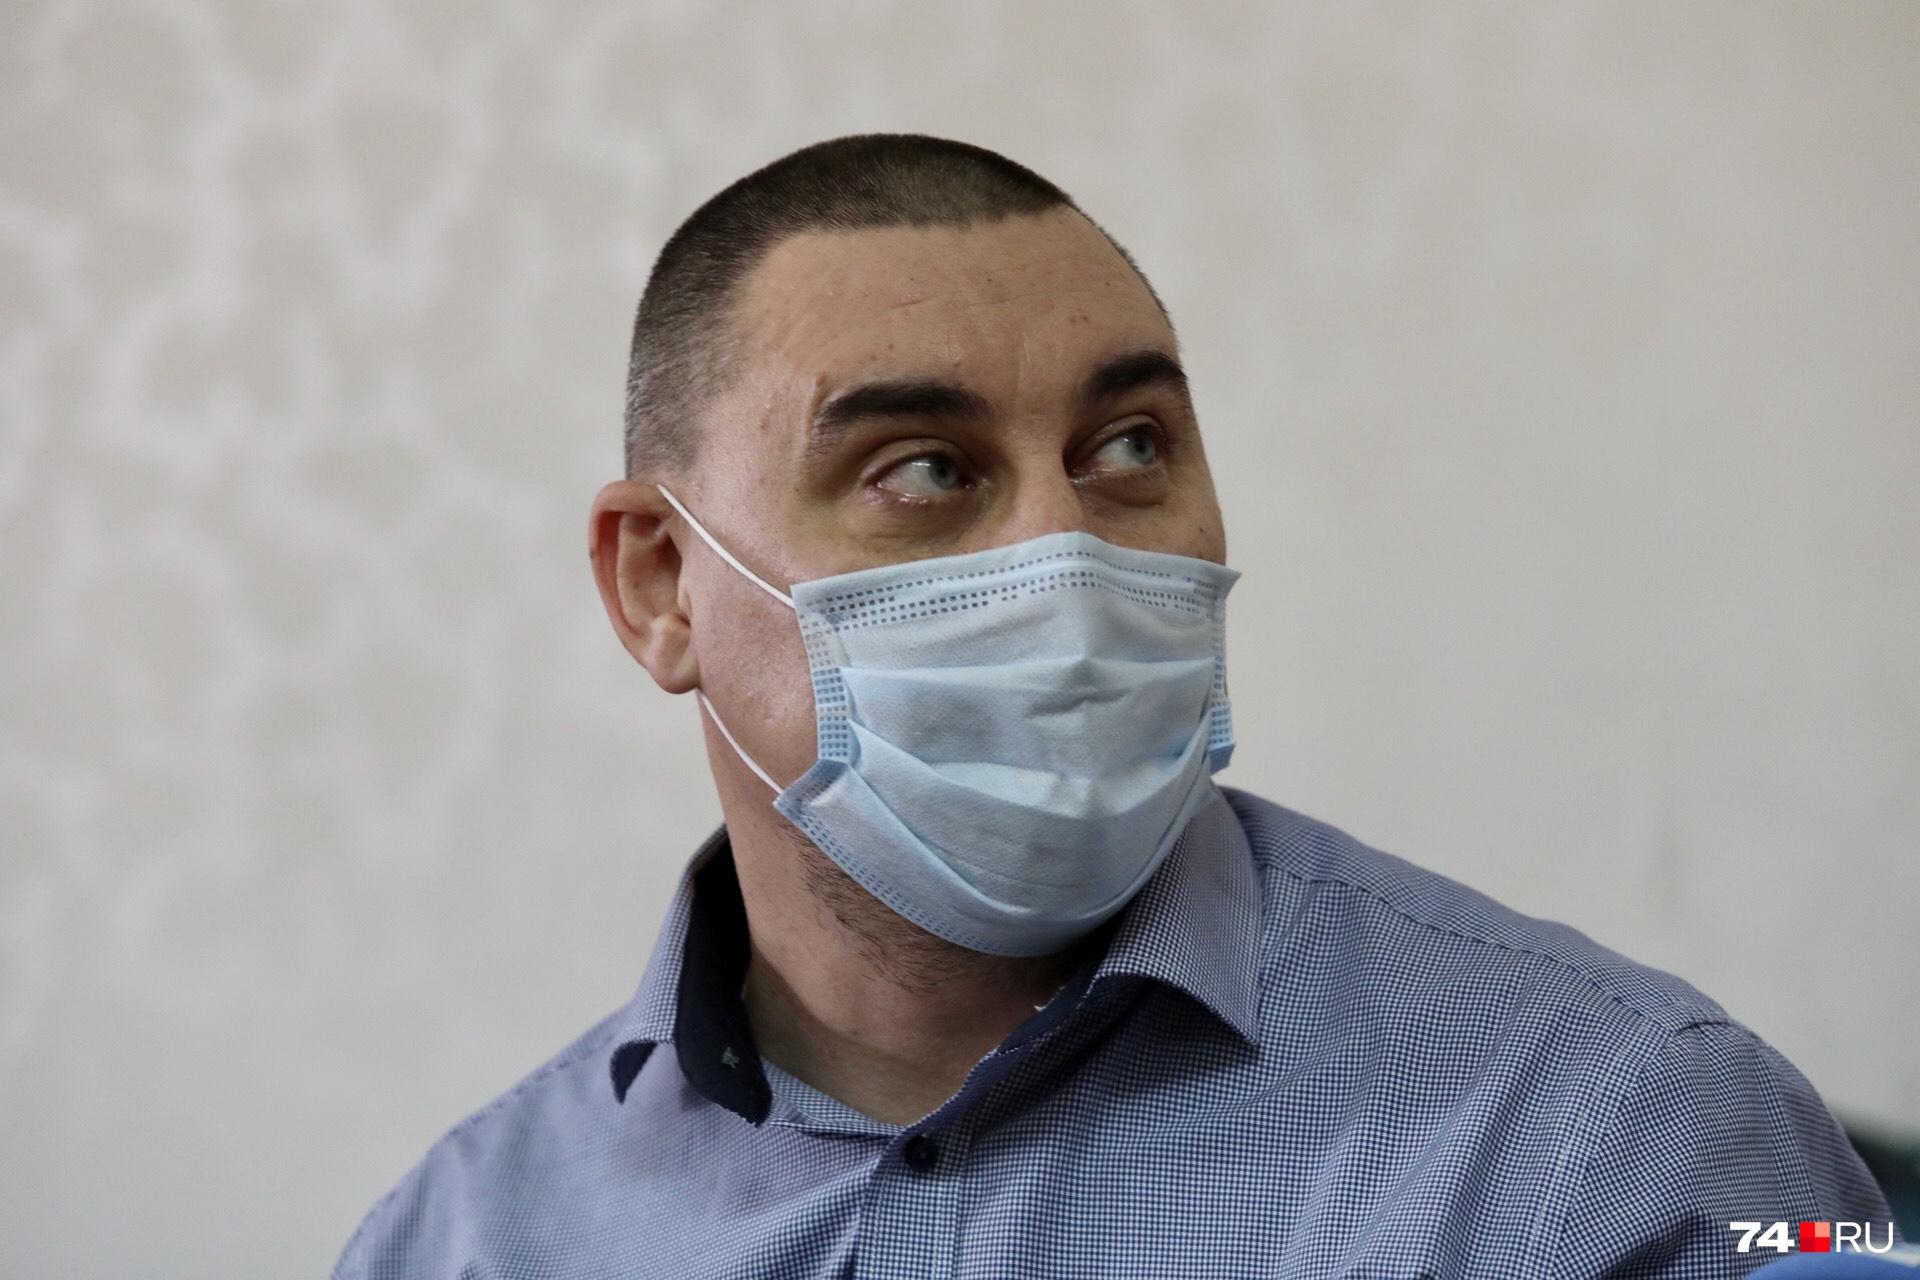 Сын Анатолия Лаврова Никита не оправился от аварии полностью, парню еще предстоит операция на руке